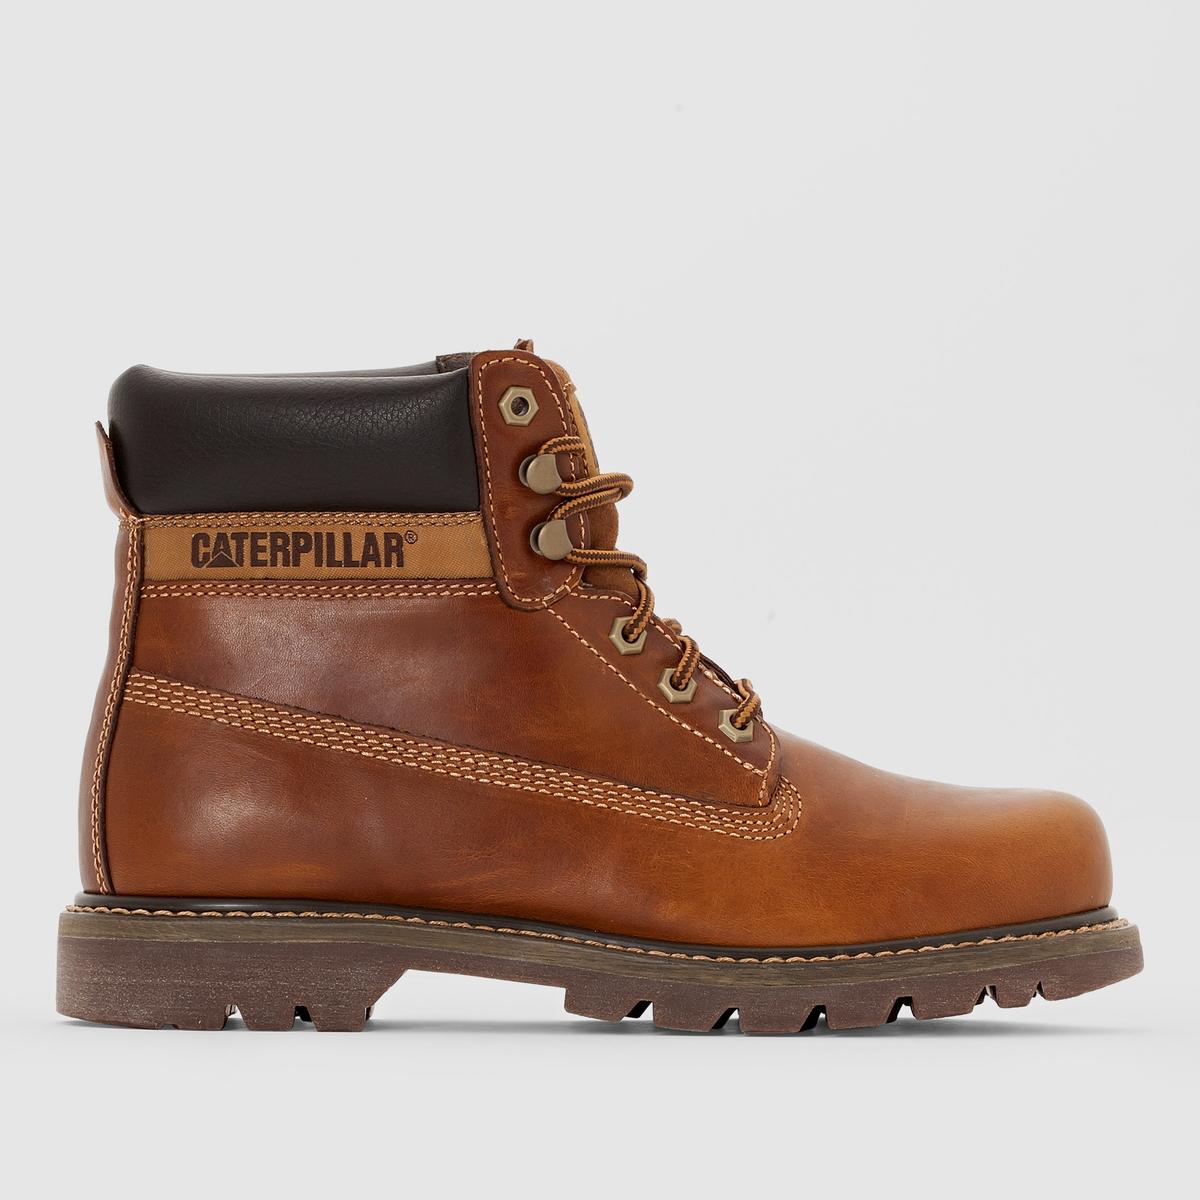 Boots Caterpillar, COLORADO